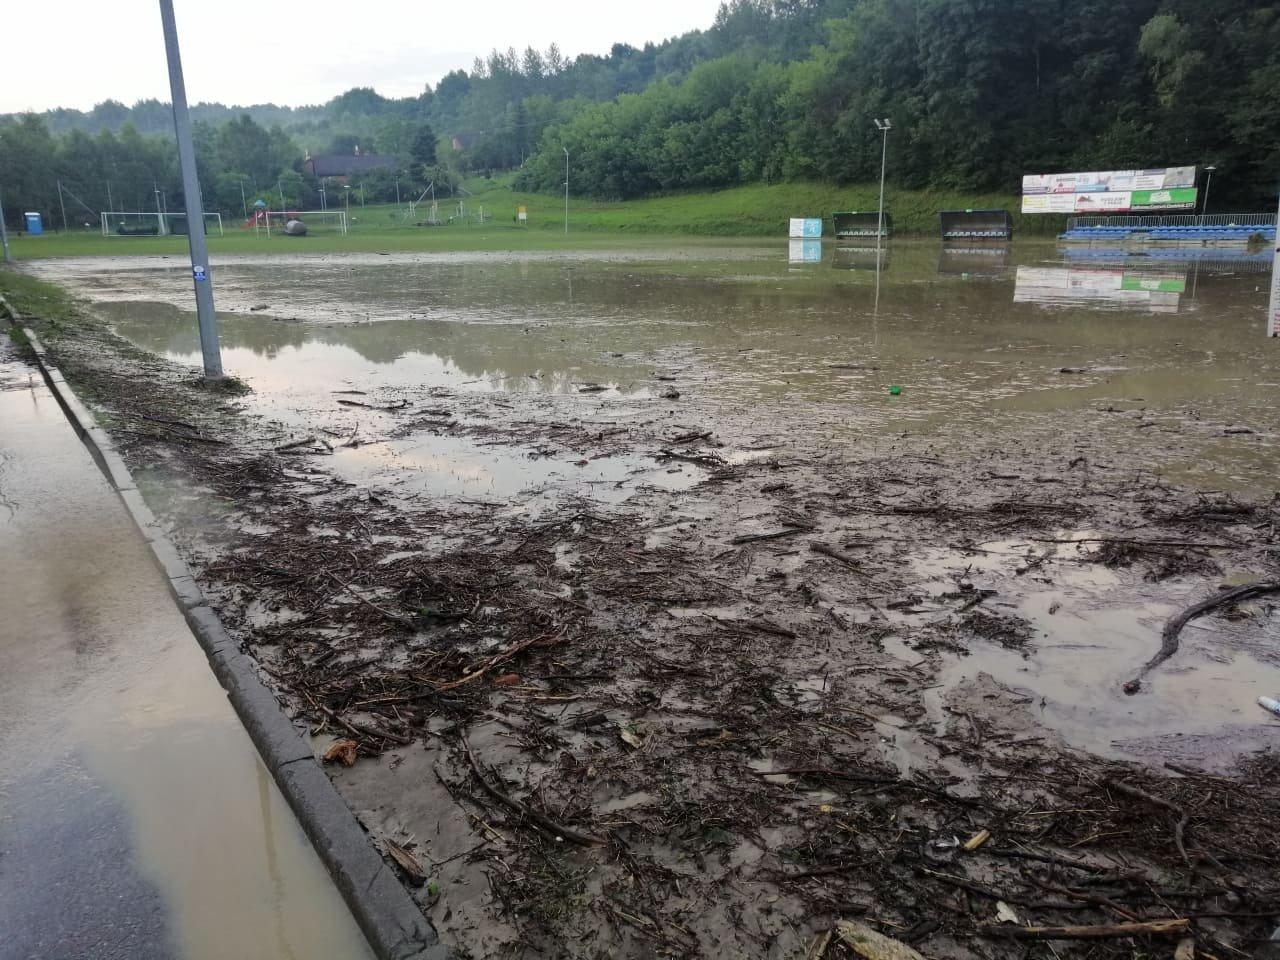 Chmielnik. Powódź błyskawiczna zniszczyła stadion. Klub zbiera na odbudowę [ZDJĘCIA] - Zdjęcie główne